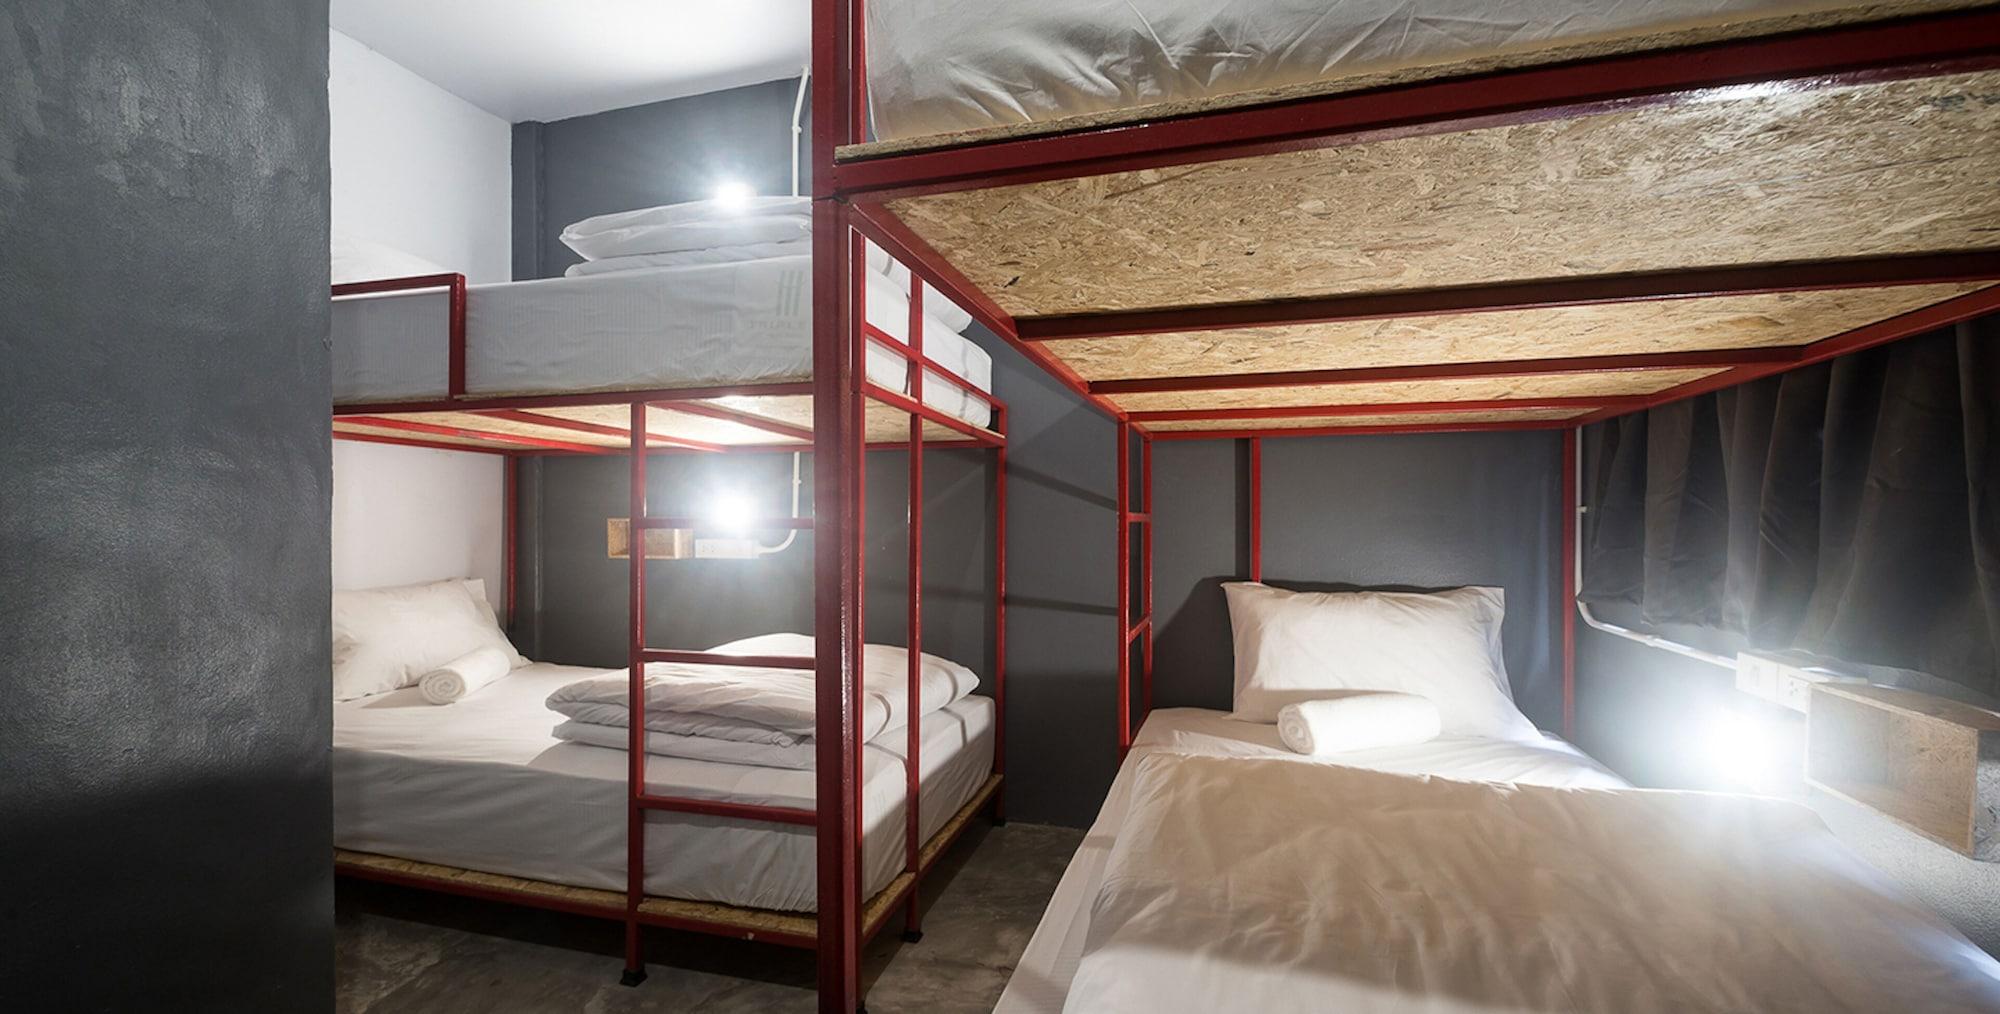 Bed Hostel, Pulau Phuket